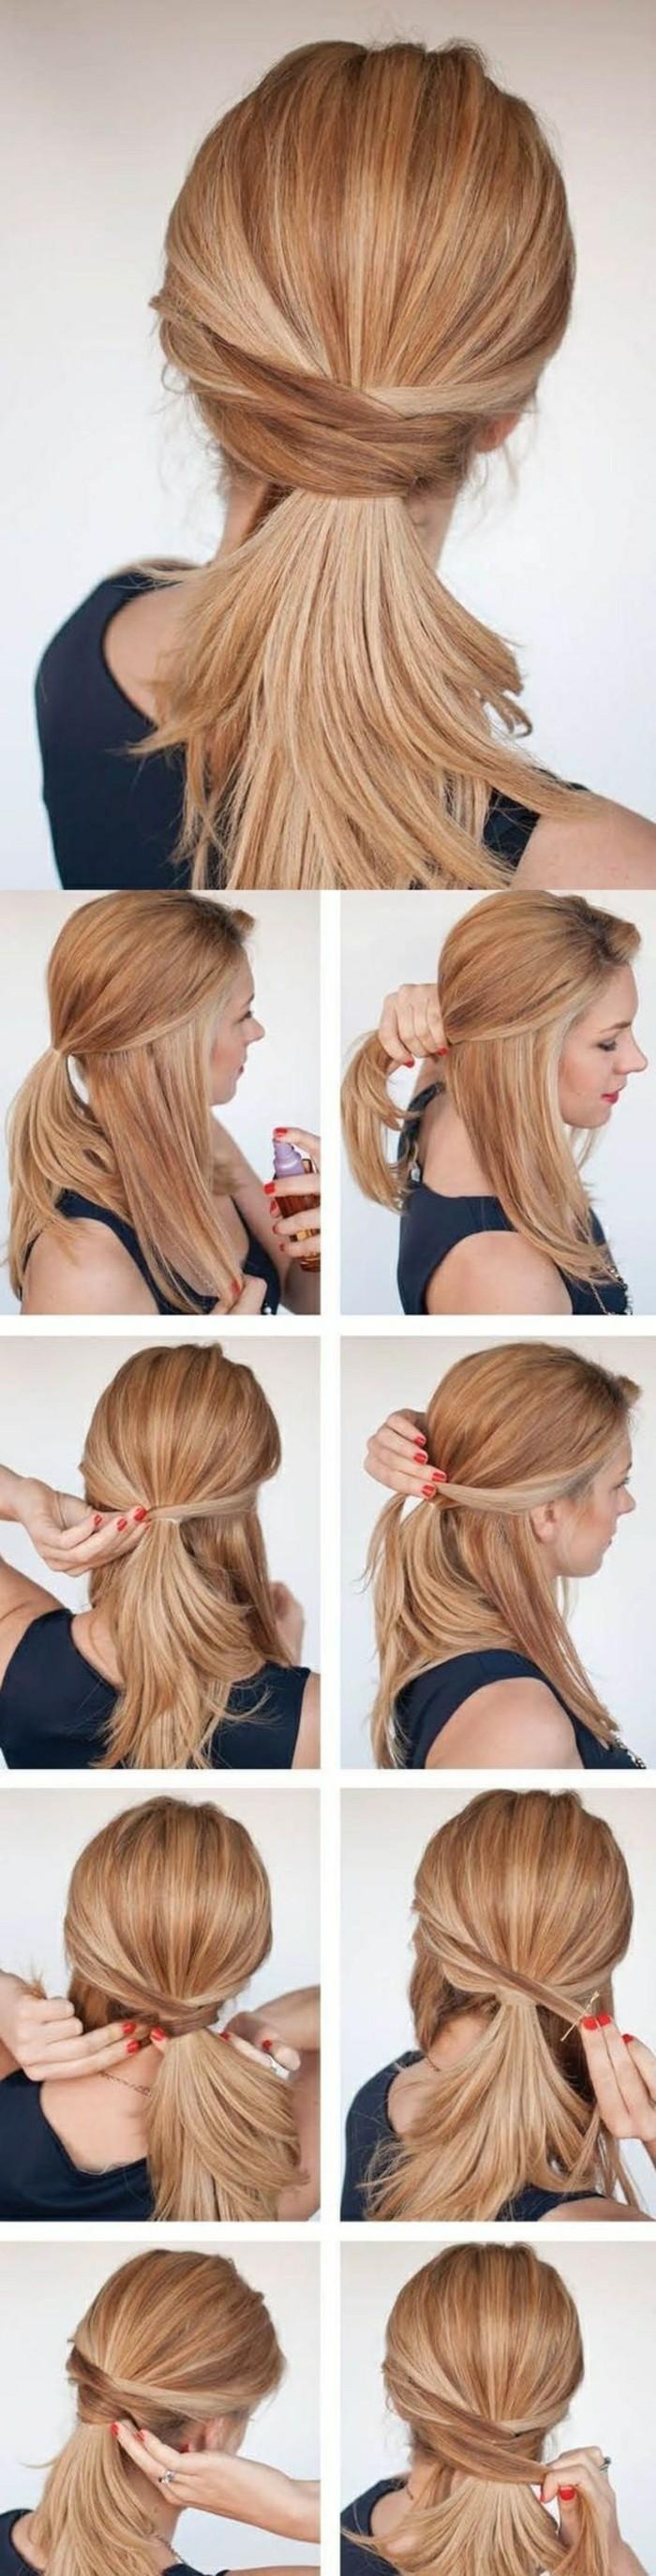 idée pour réaliser une demi queue de cheval avec des mèches de côté entrecroisées en arrière de la tête, coiffure cheveux mi longs